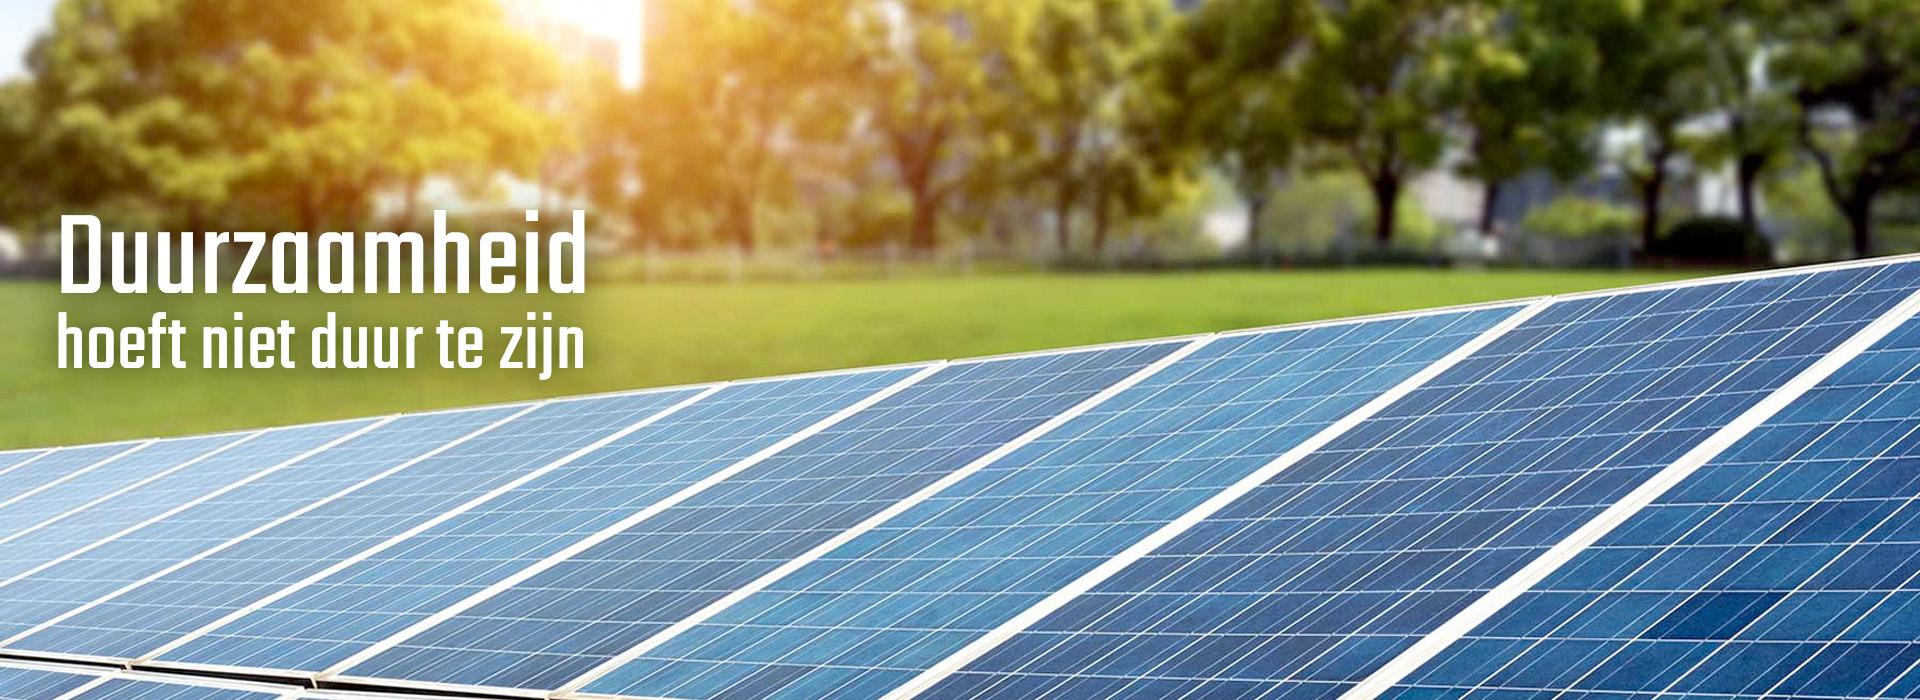 Regio Duurzaam duurzaam hoeft niet duur te zijn